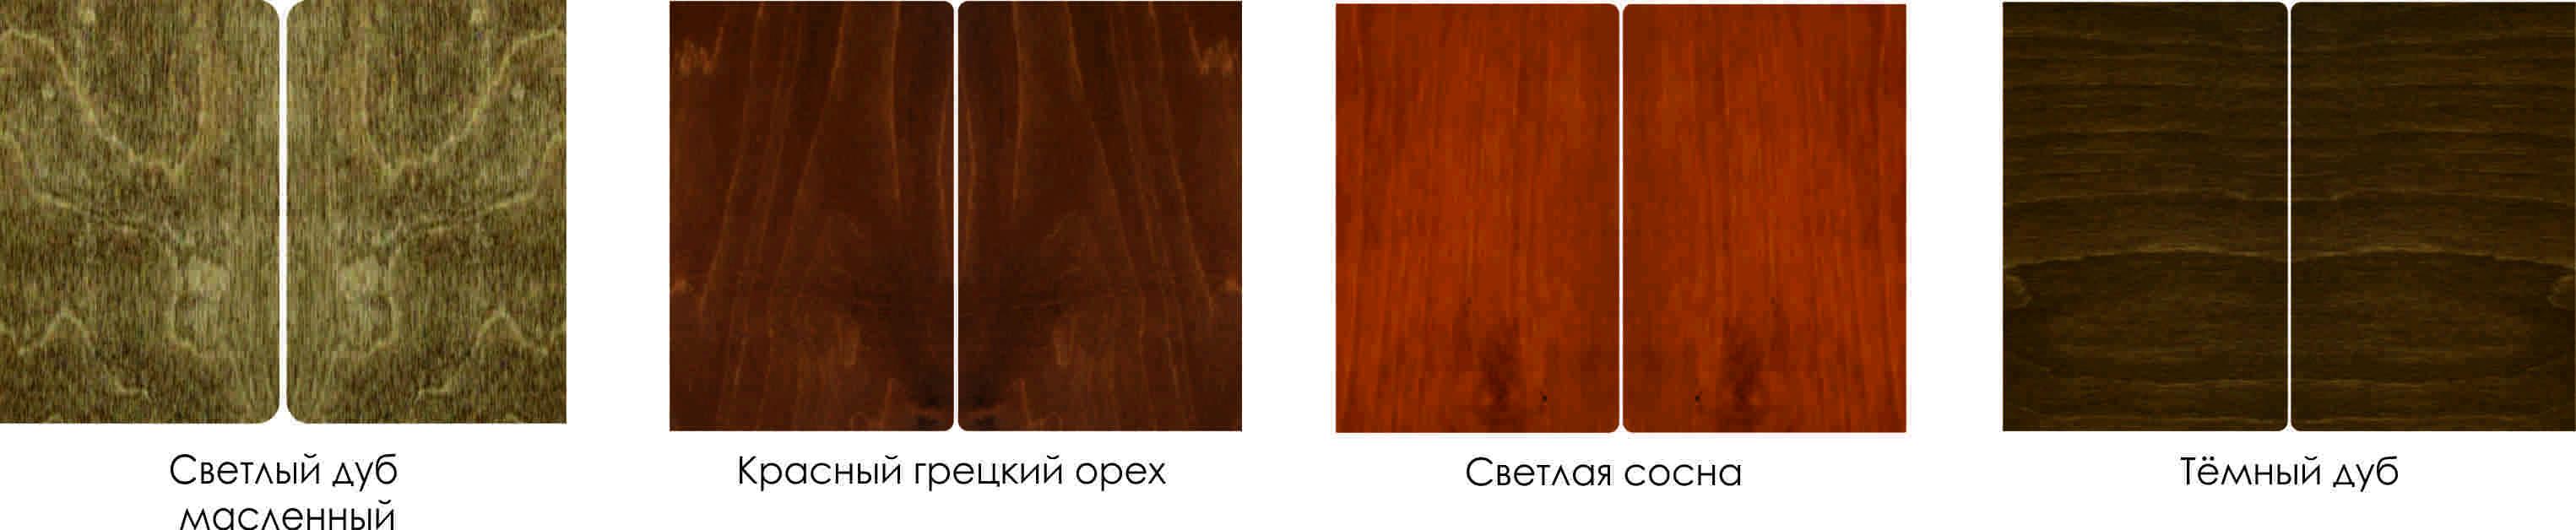 Варианты цветового ассортимента деревянный блокнот с логотипом